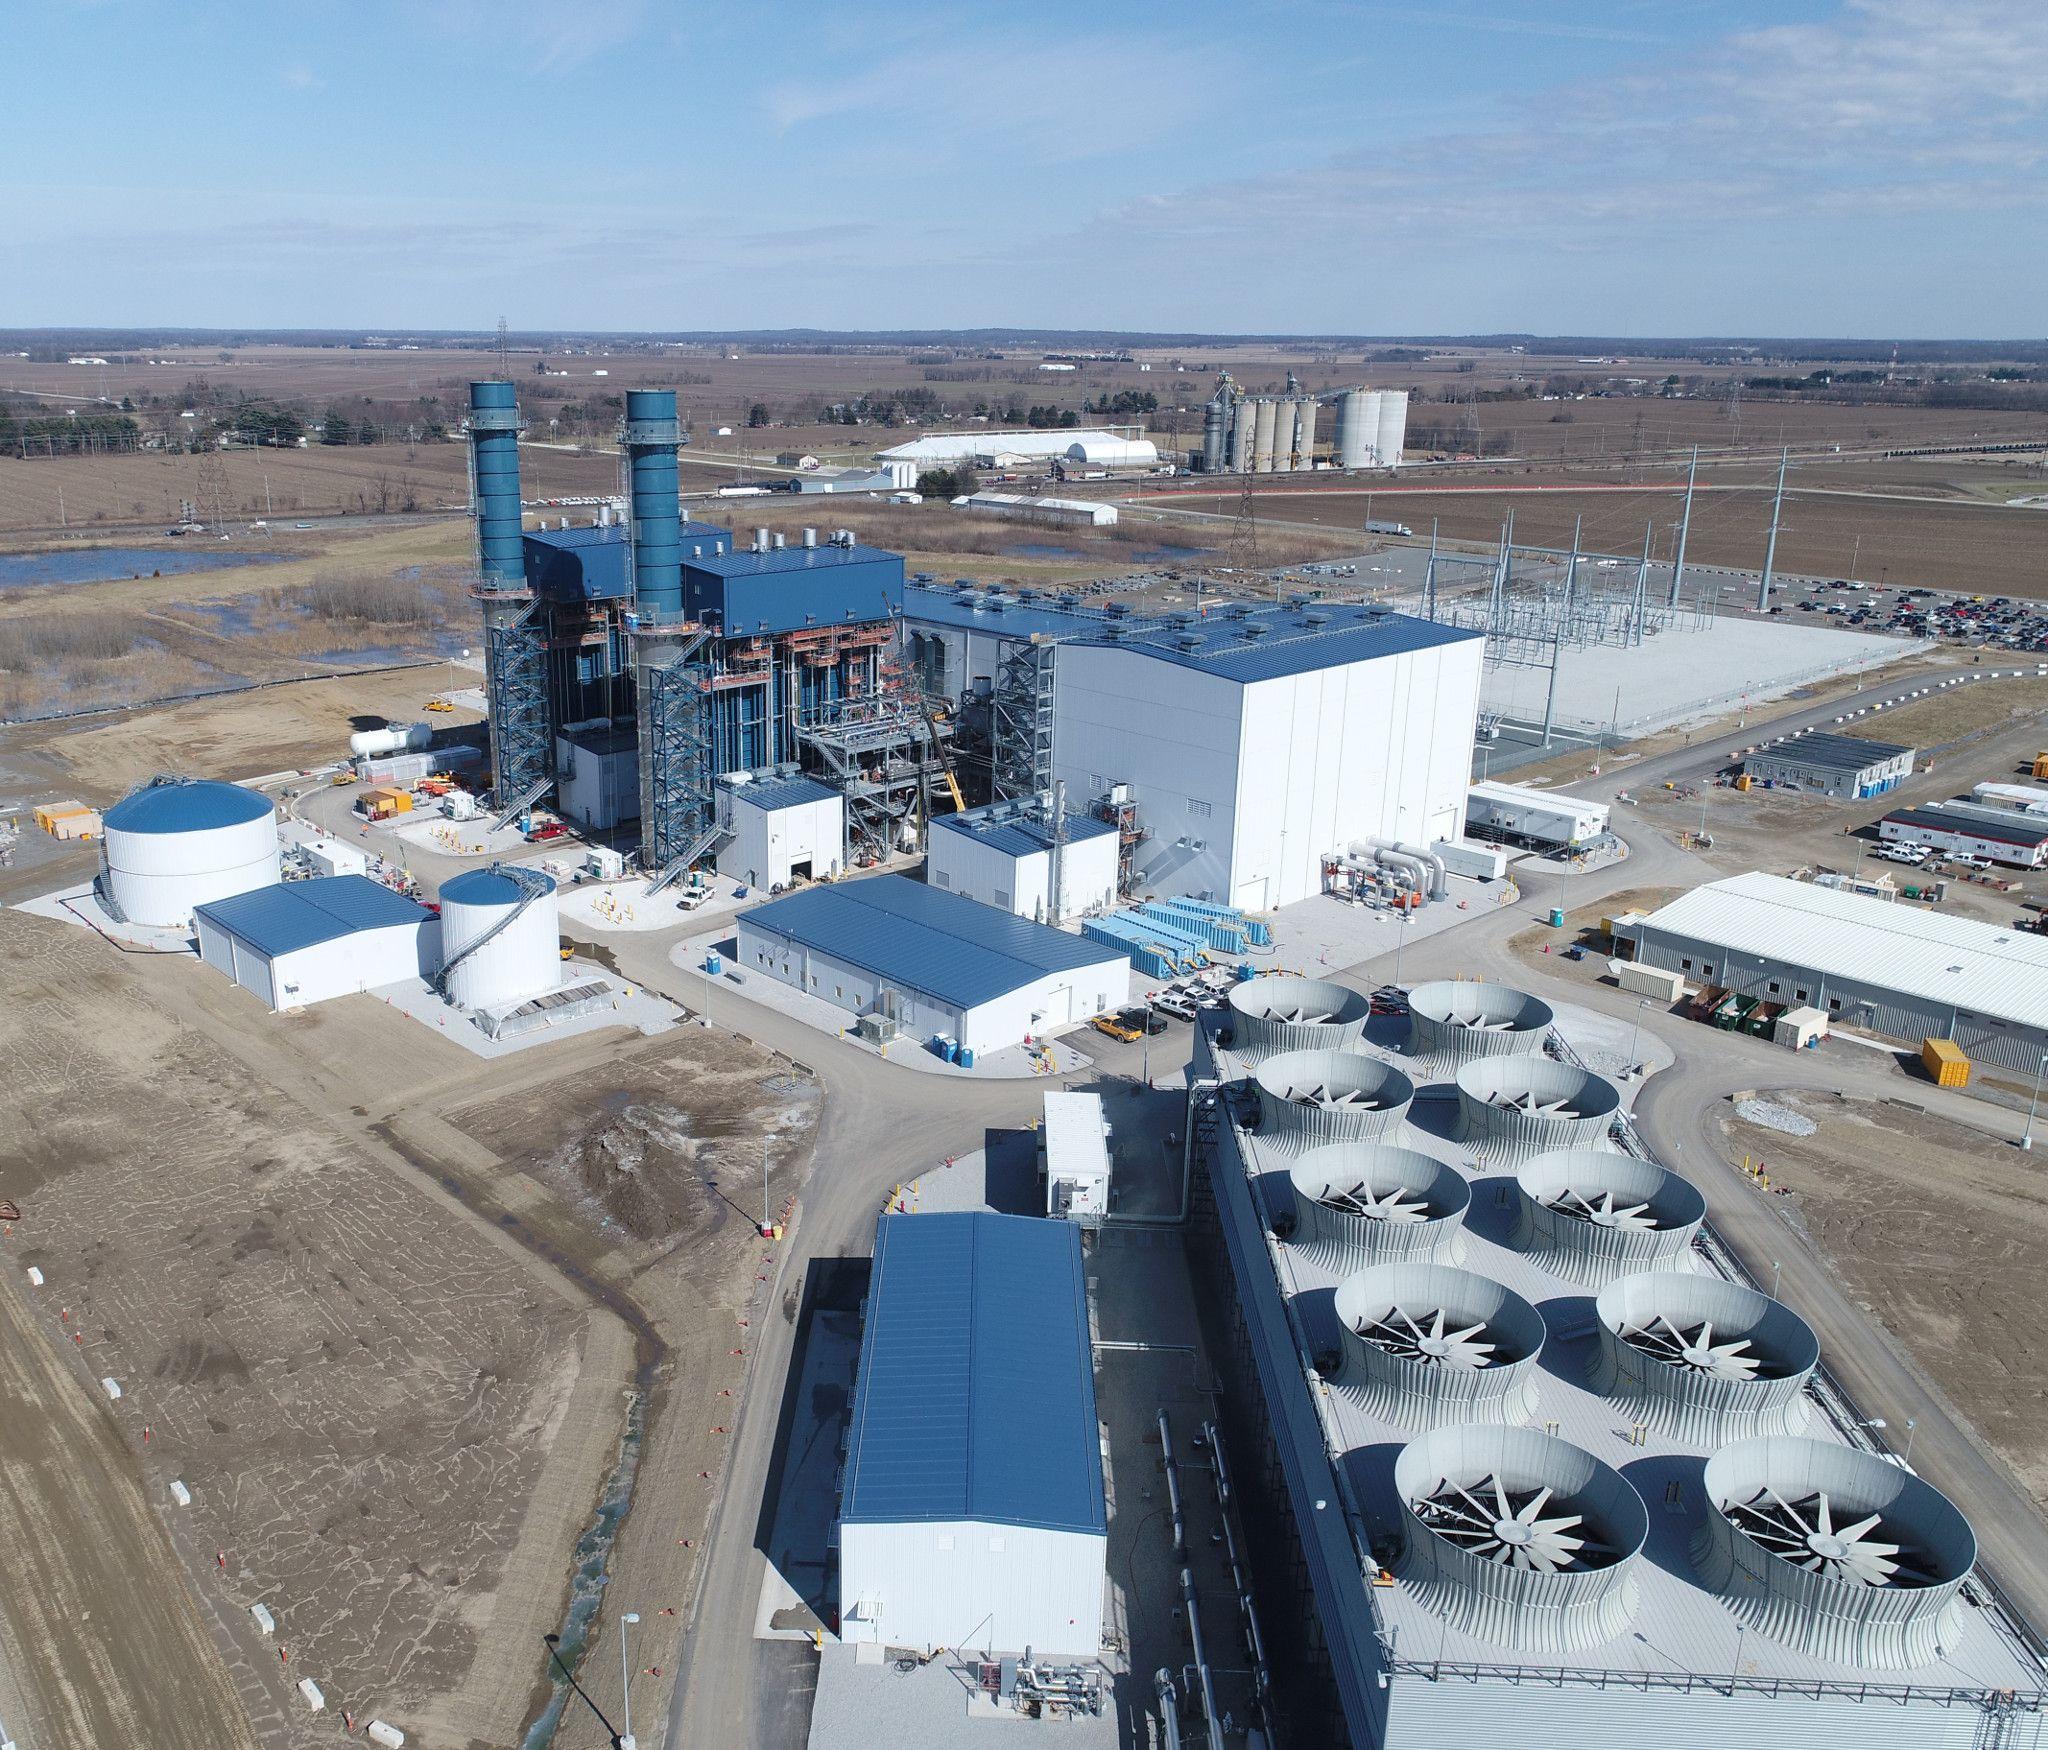 St. Joseph Energy Center